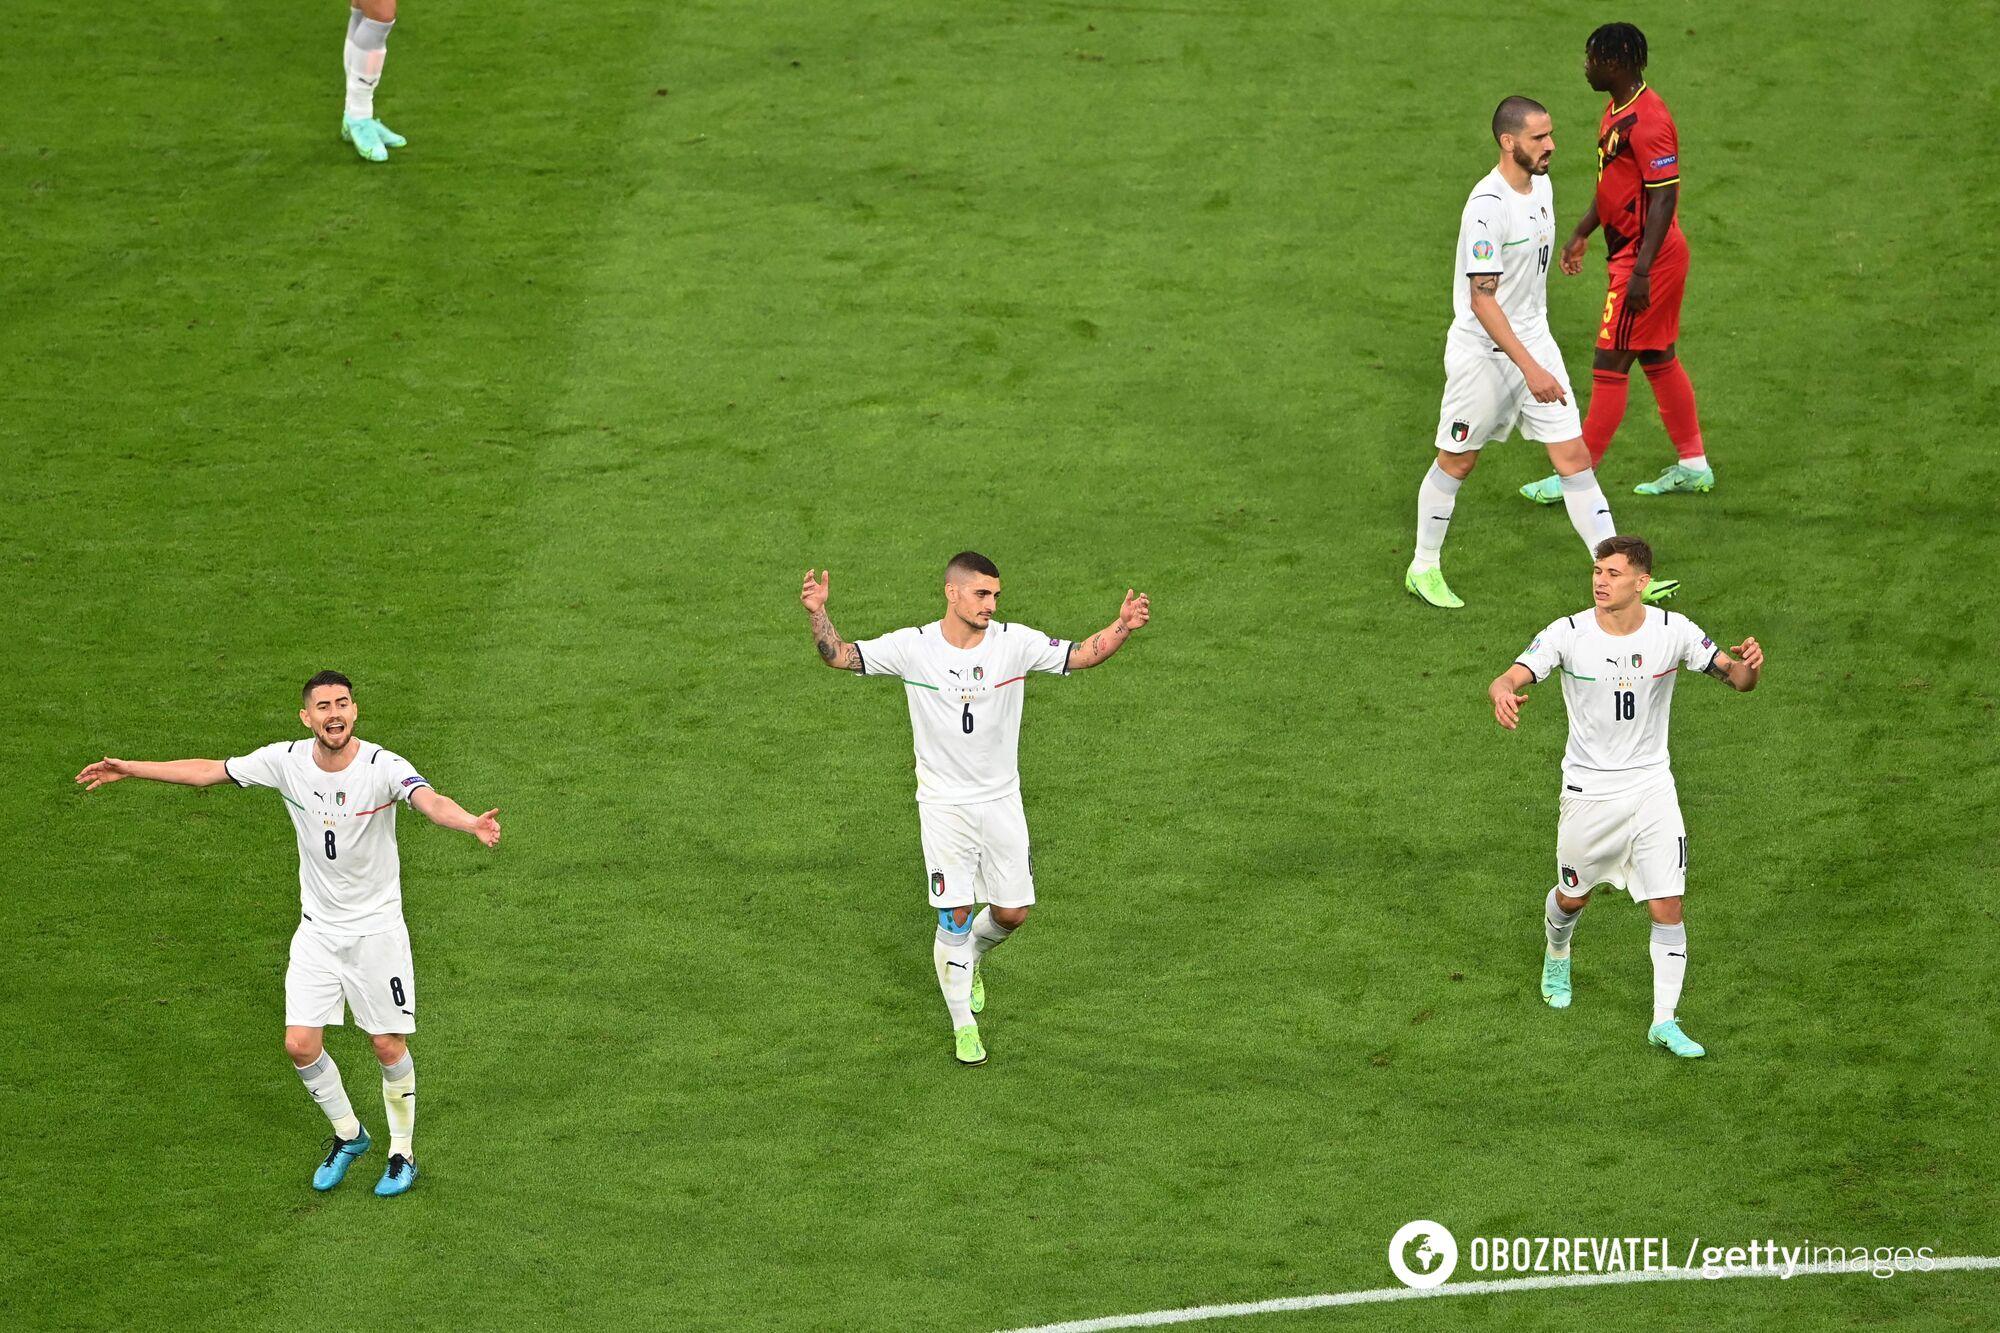 Італія виграла всі матчі в групі.